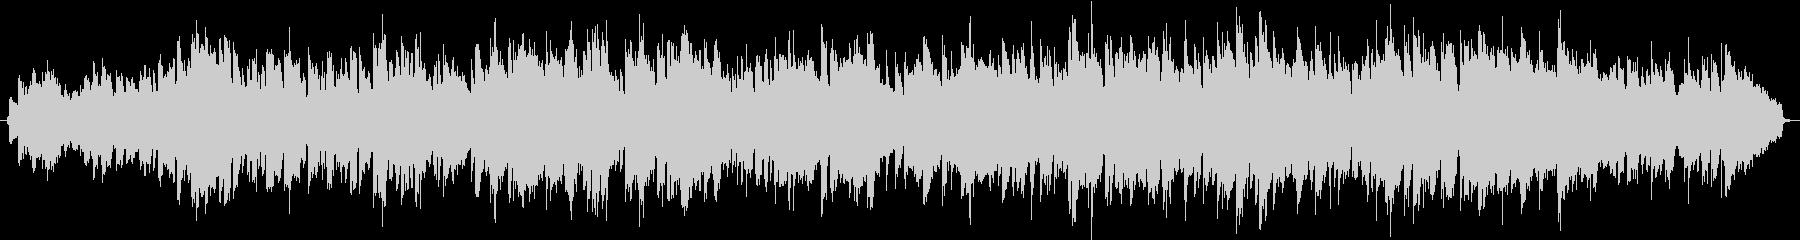 ミドルテンポの感動的な洋楽の未再生の波形